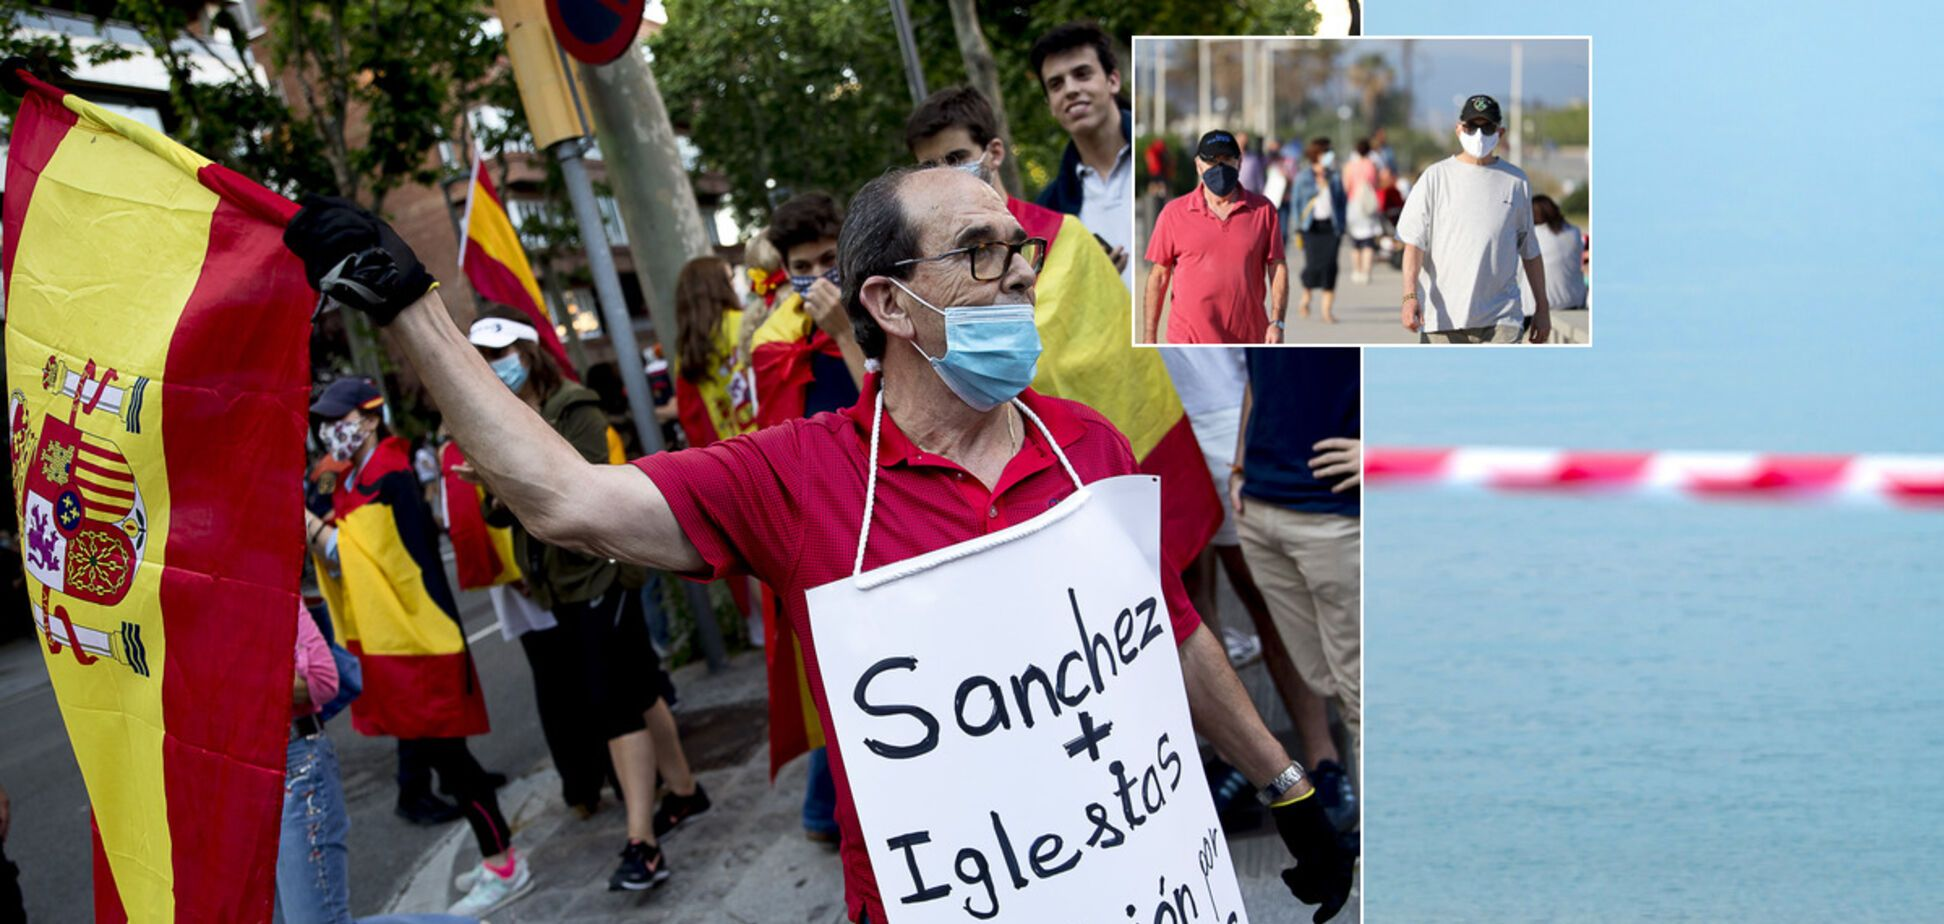 Як Іспанія виходить із карантину: з безробіттям, протестами, але гарною статистикою